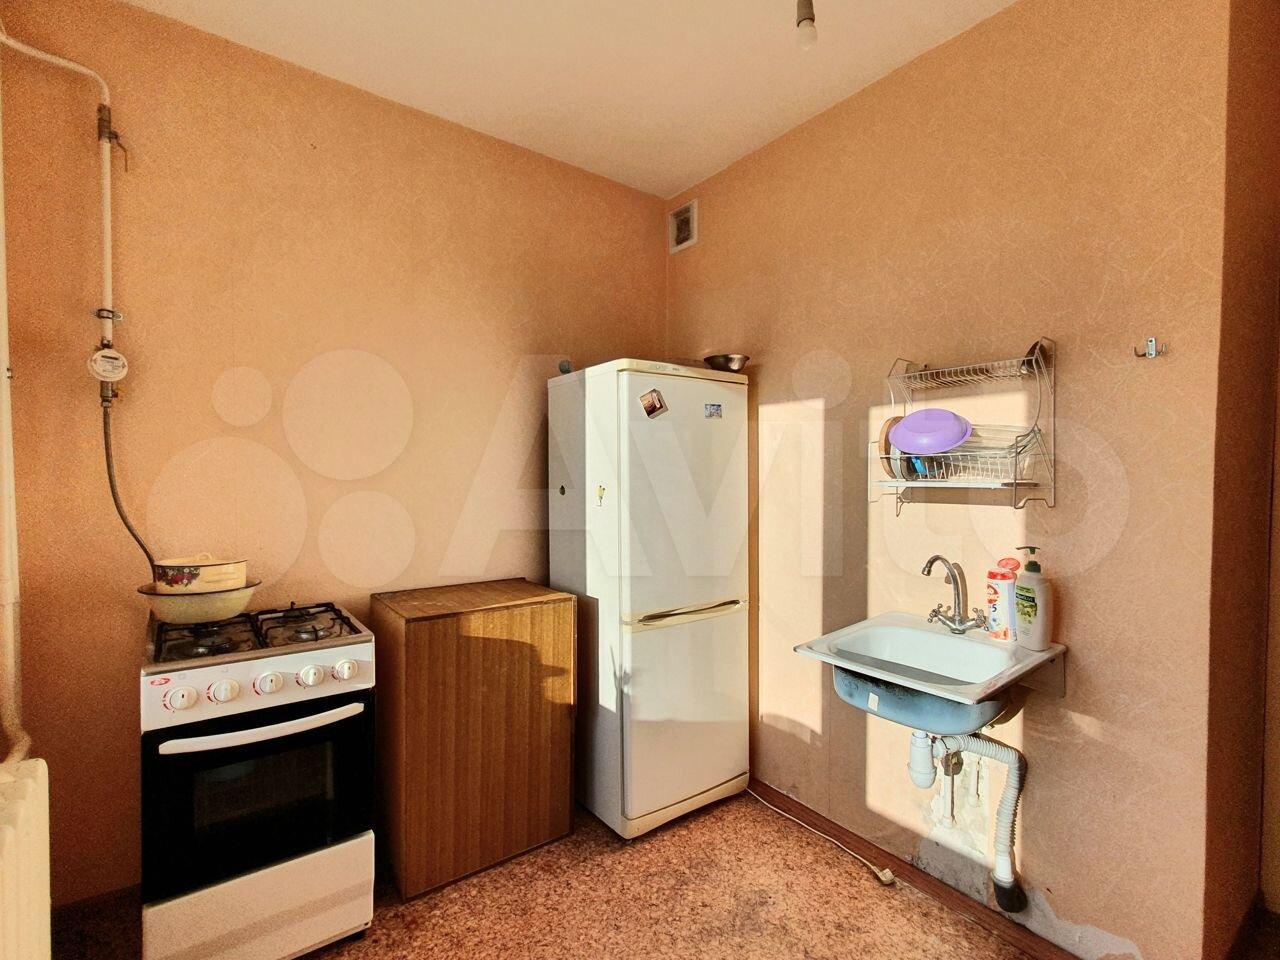 1-к квартира, 34 м², 7/10 эт.  89155301872 купить 10